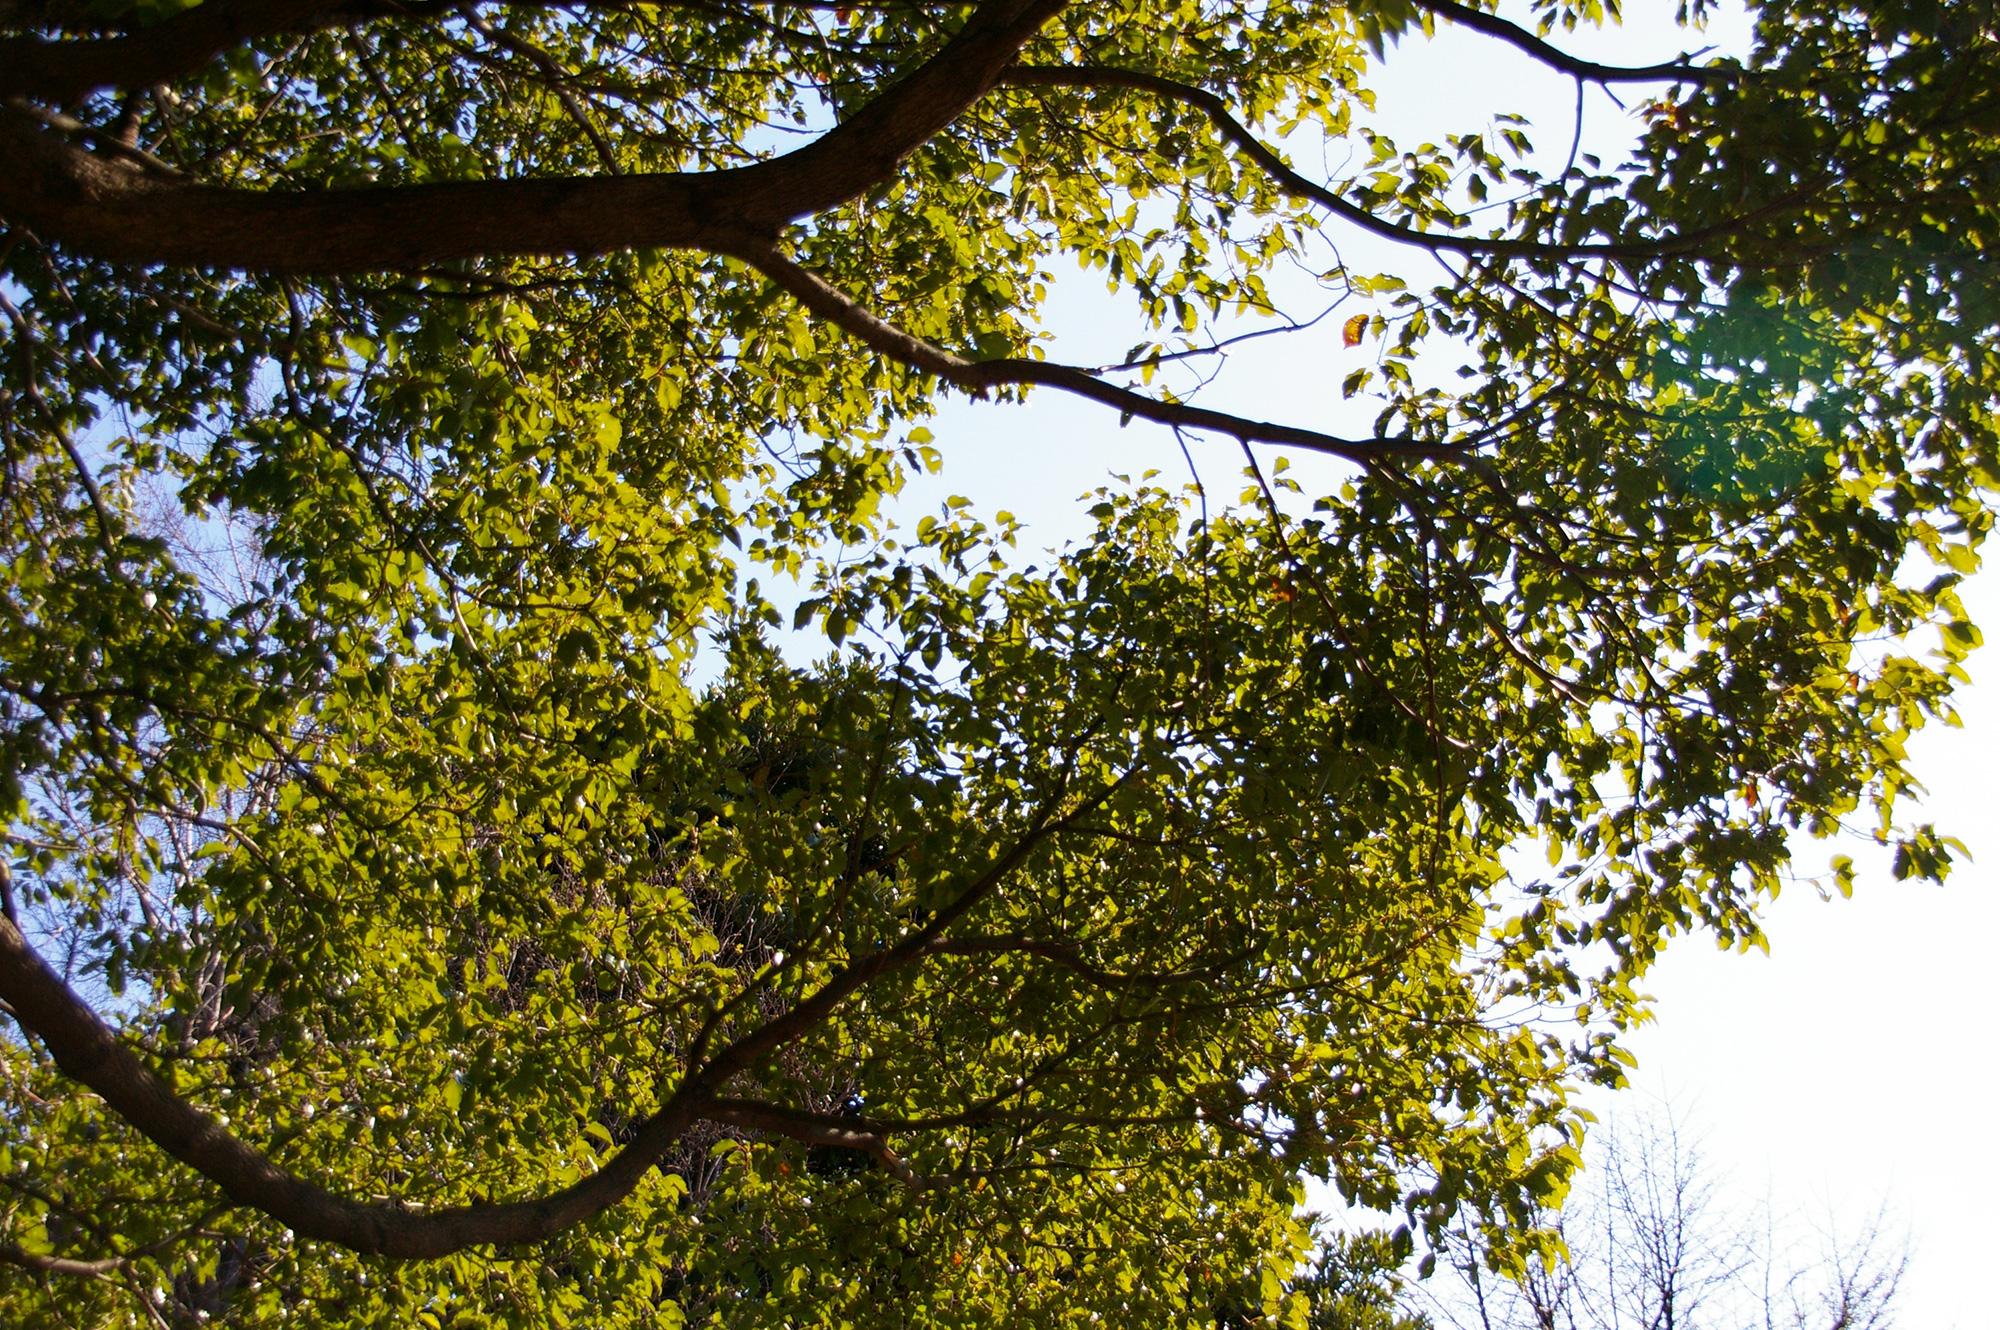 見上げて撮影した木々の枝の写真素材